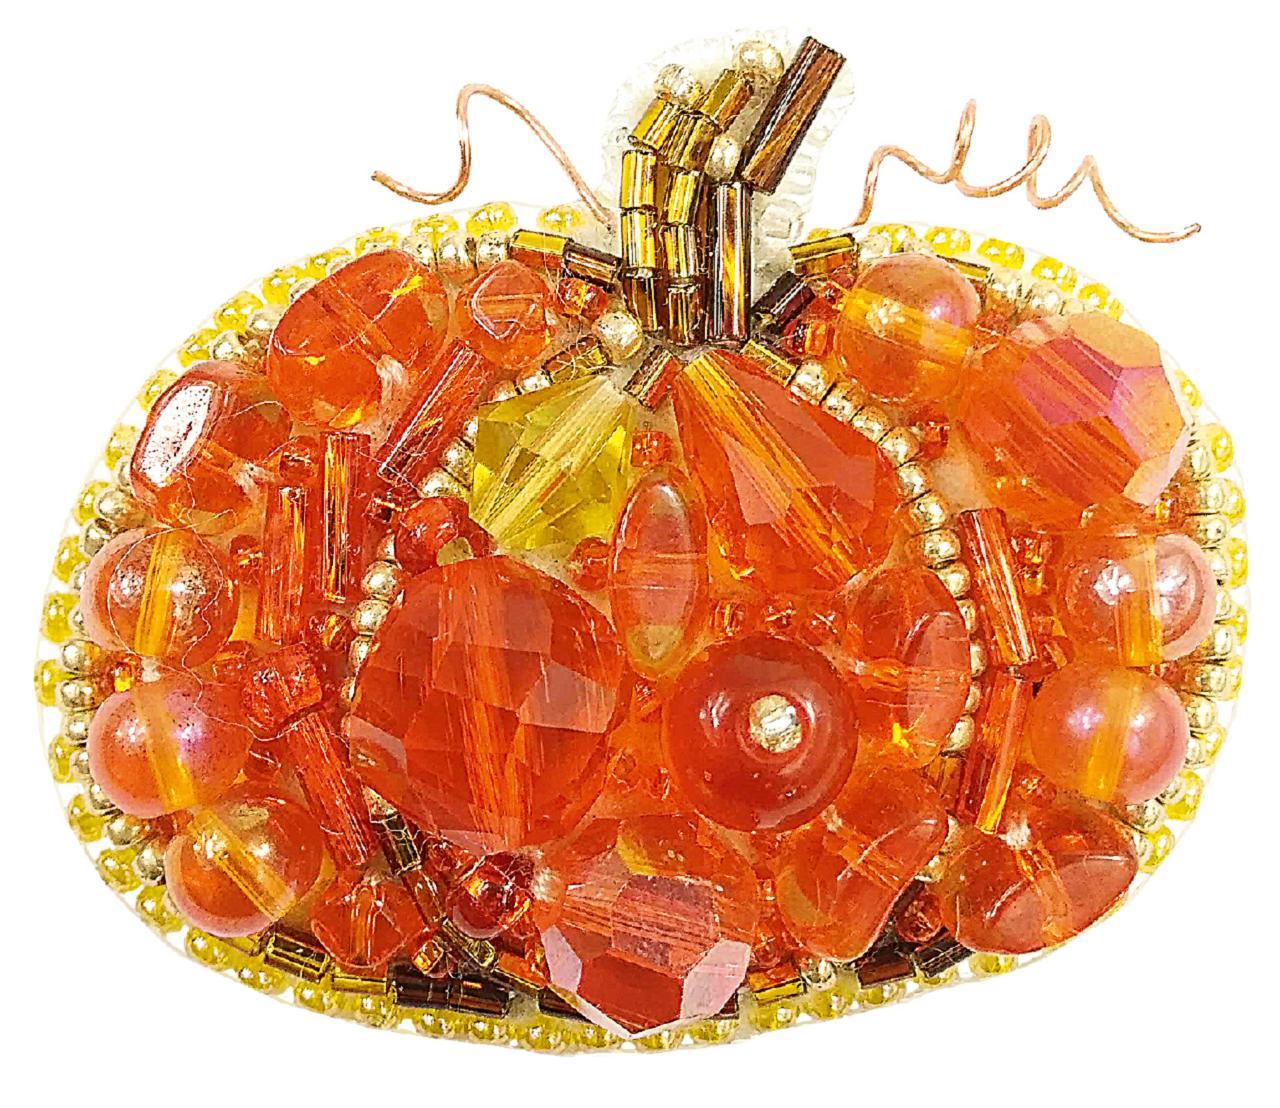 БП-242 Набор для изготовления броши Crystal Art Тыквеа Купить брошь в Минске